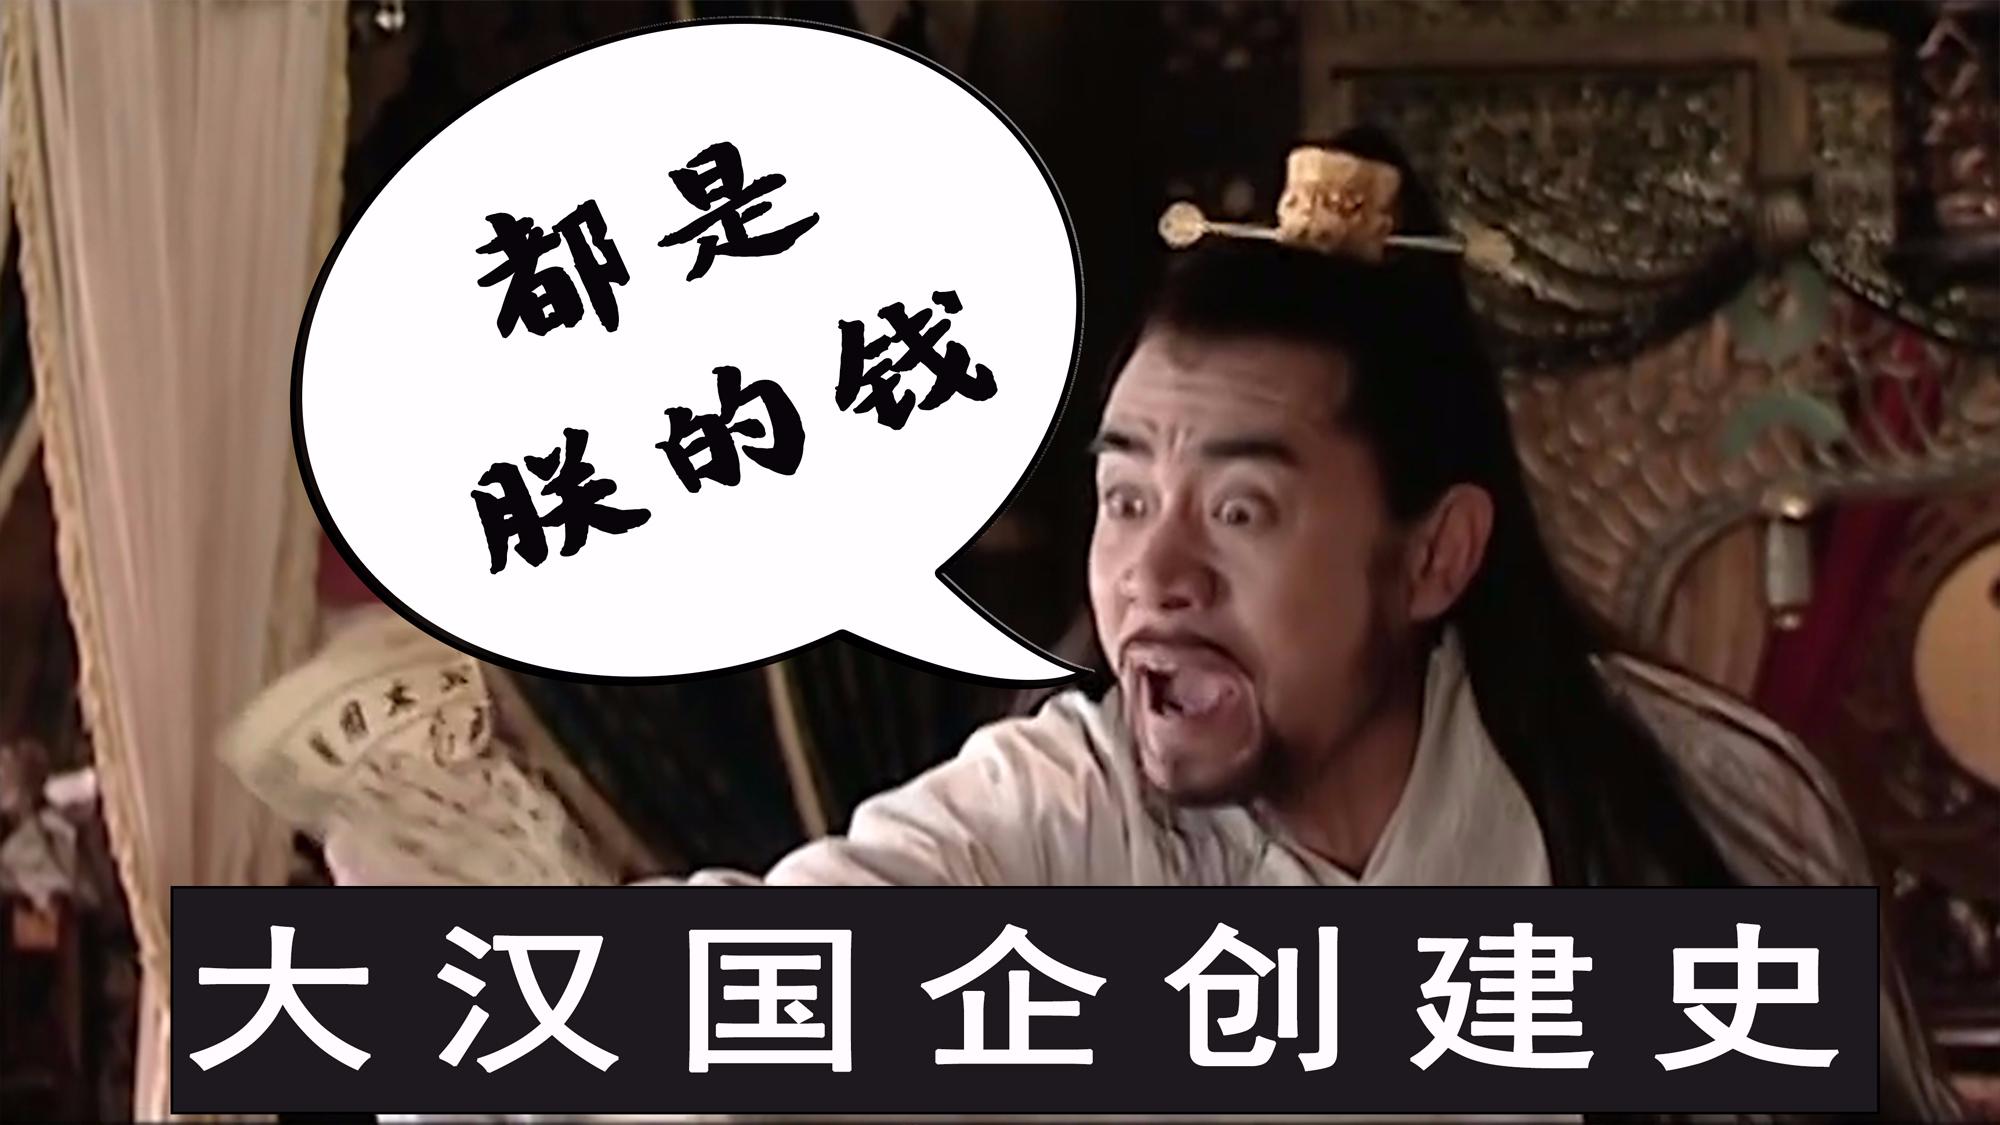 【汉武时代漫谈】16中年皇帝的艰难致富路,大汉国企创建史